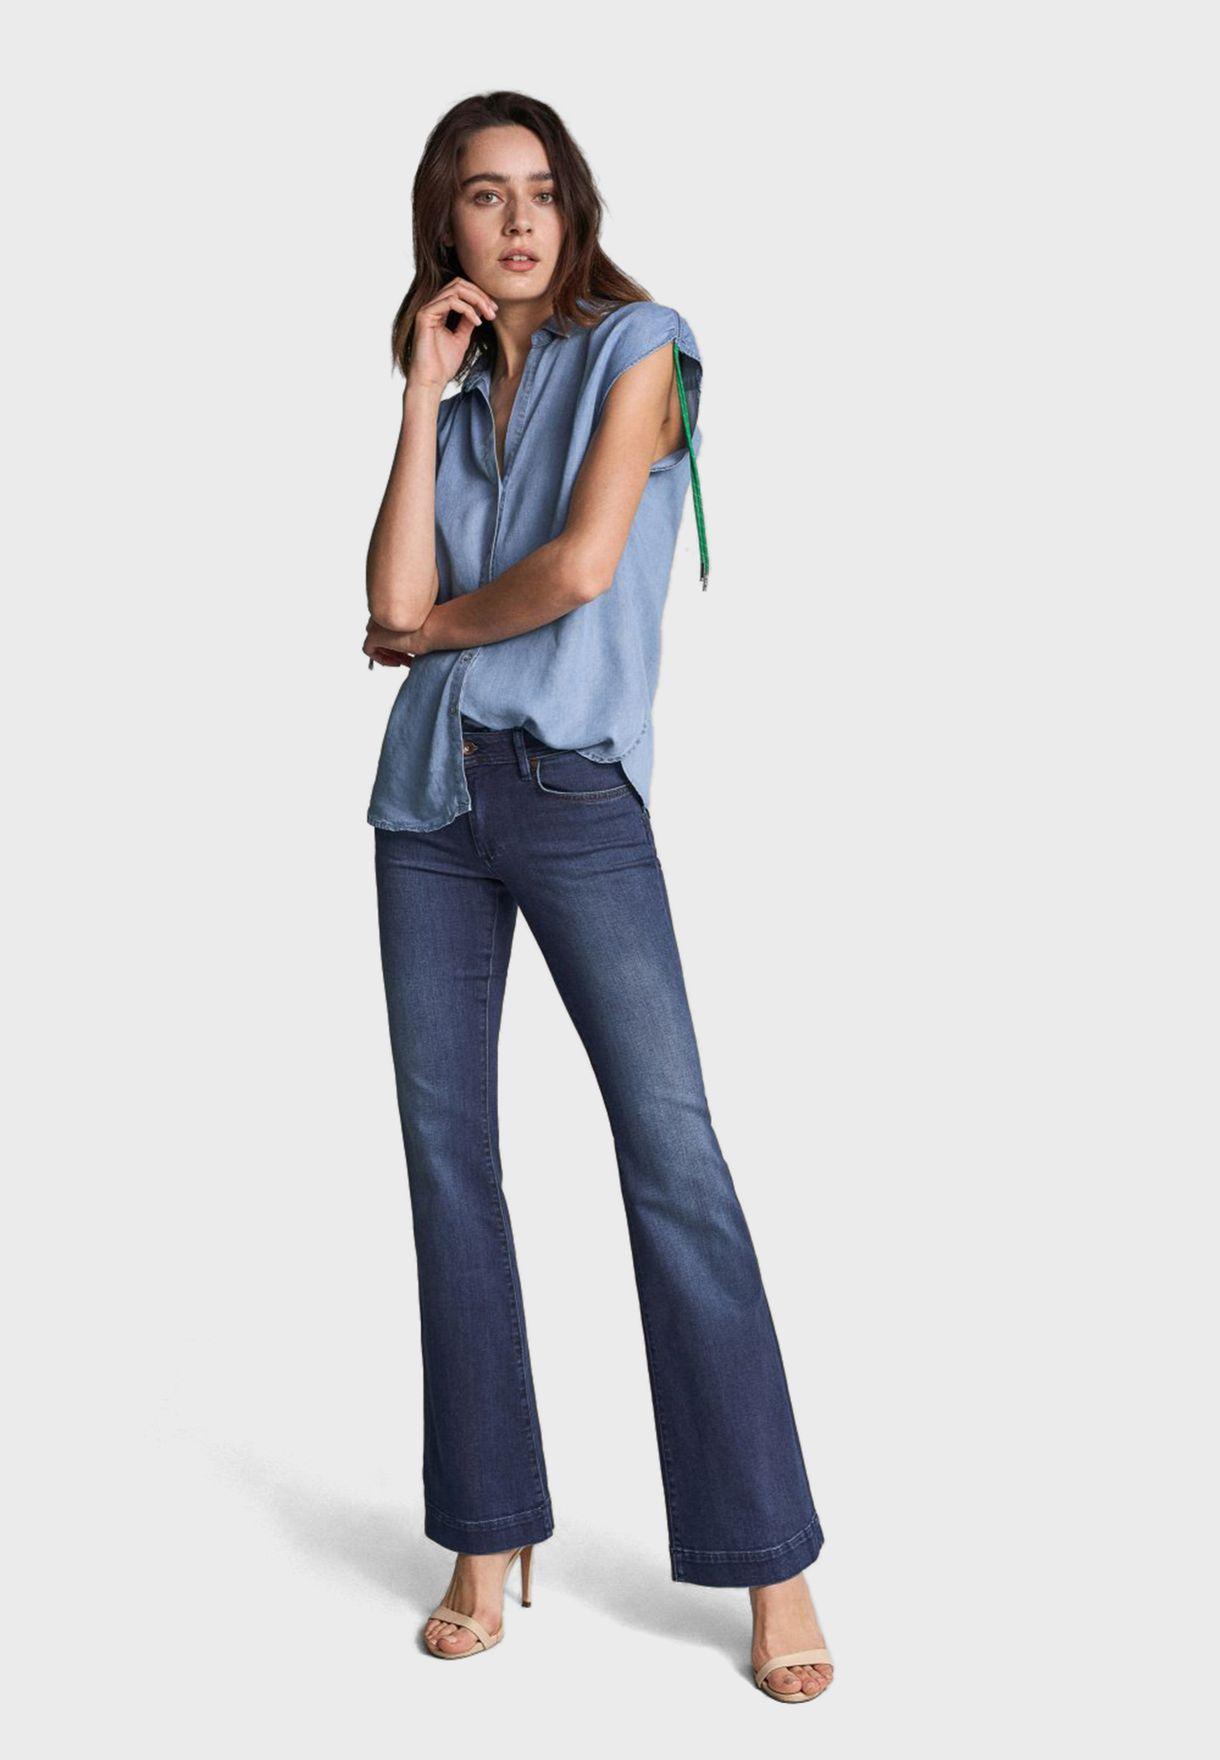 قميص جينز مزموم الاكمام مع اربطة